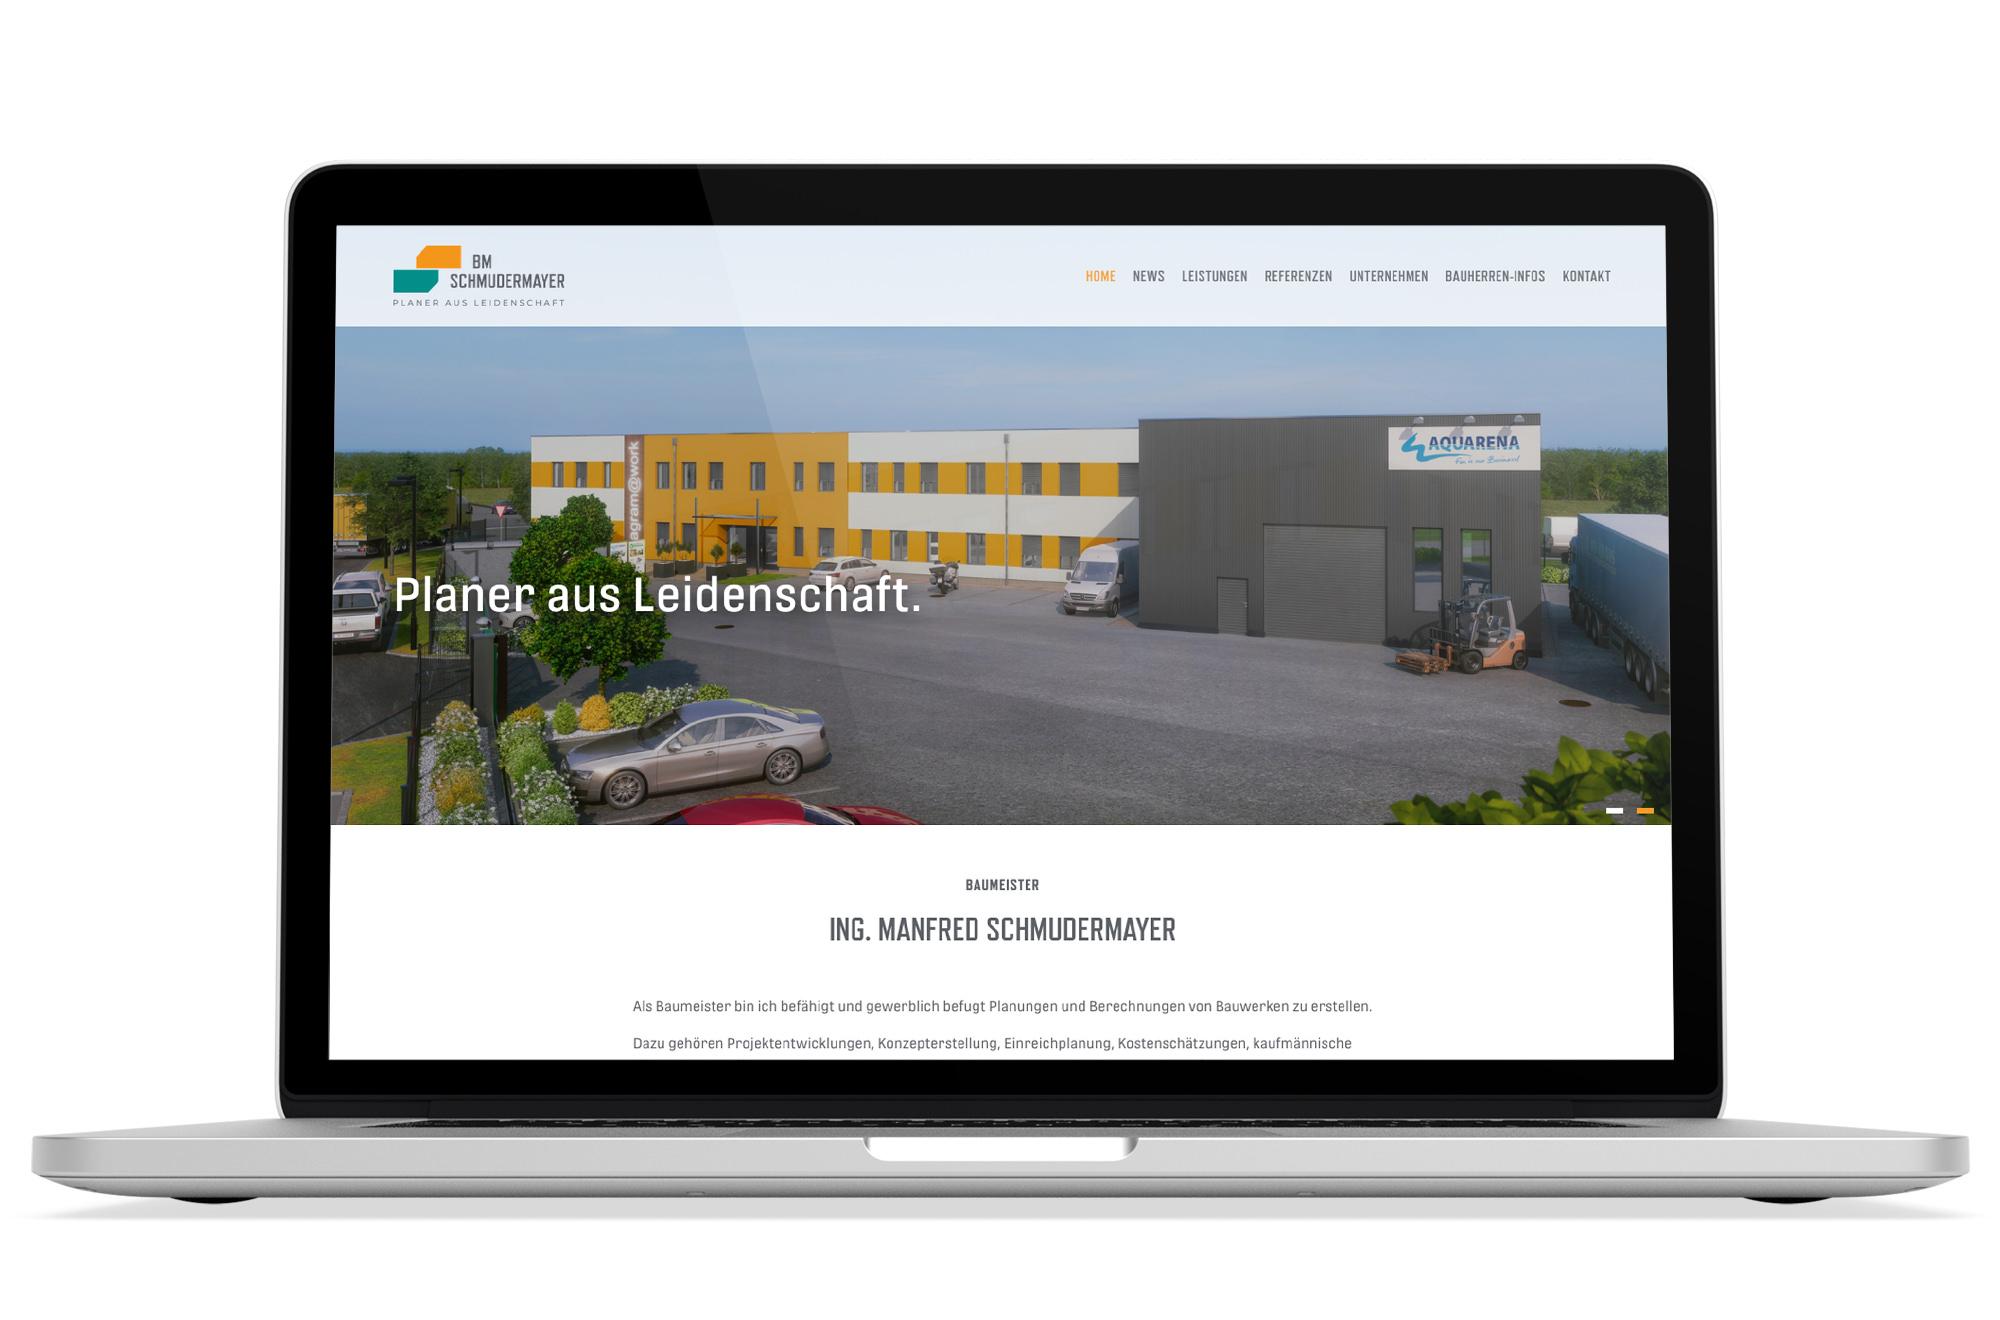 Webdesign Beispiel: Logodesign, Responsive Webdesign, WordPress für Baufirma - Baumeister